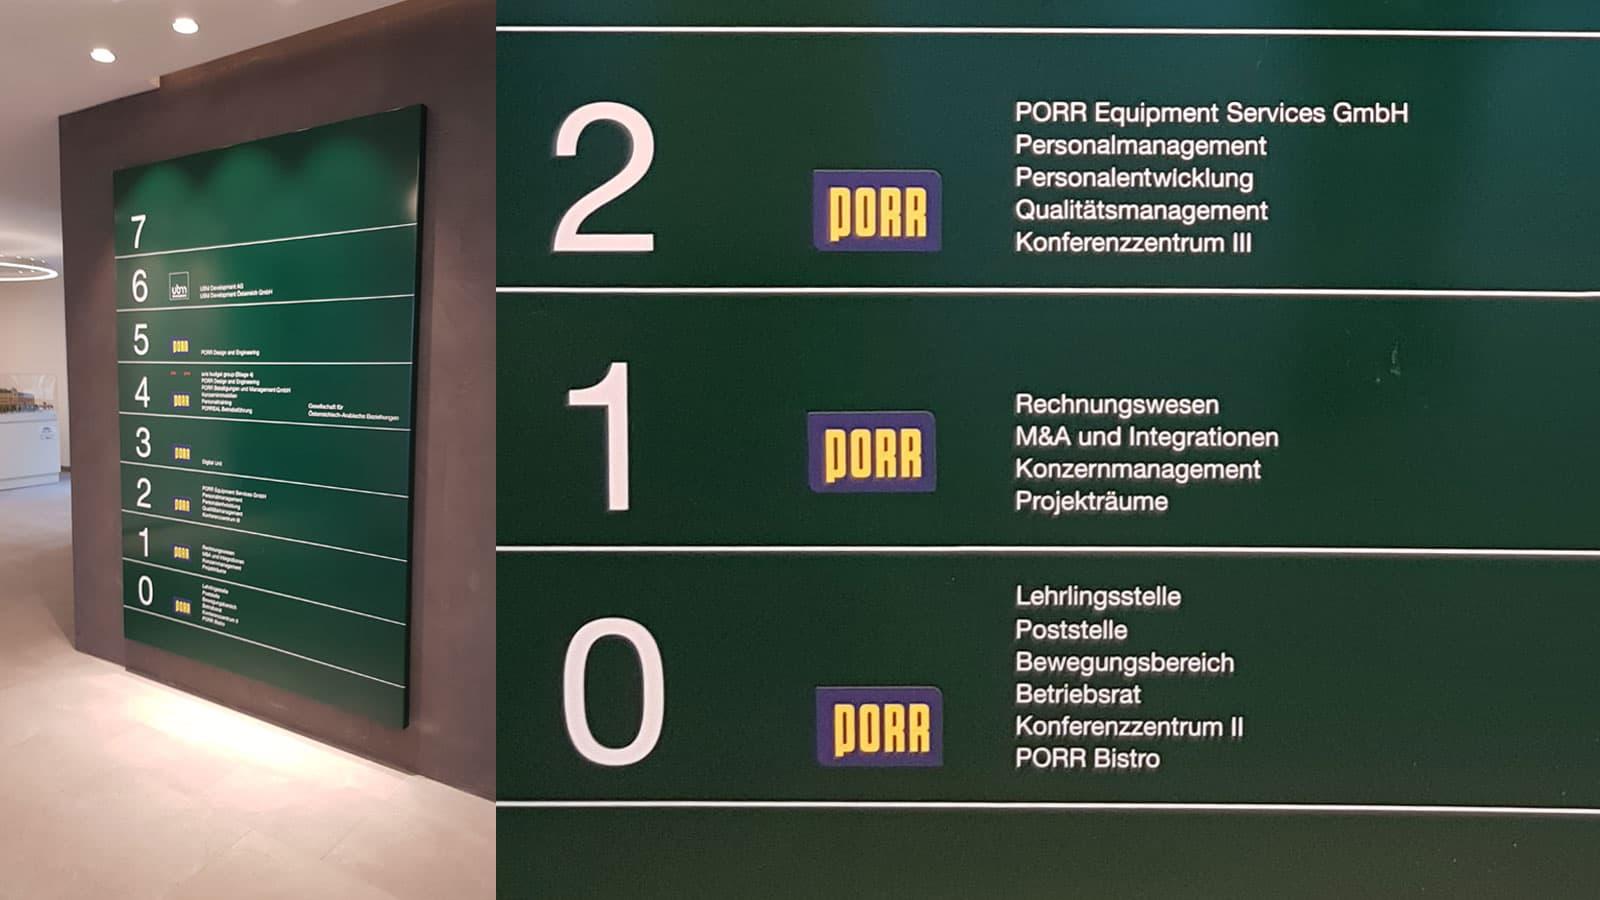 Porr Objektbeschriftung Leitsystem